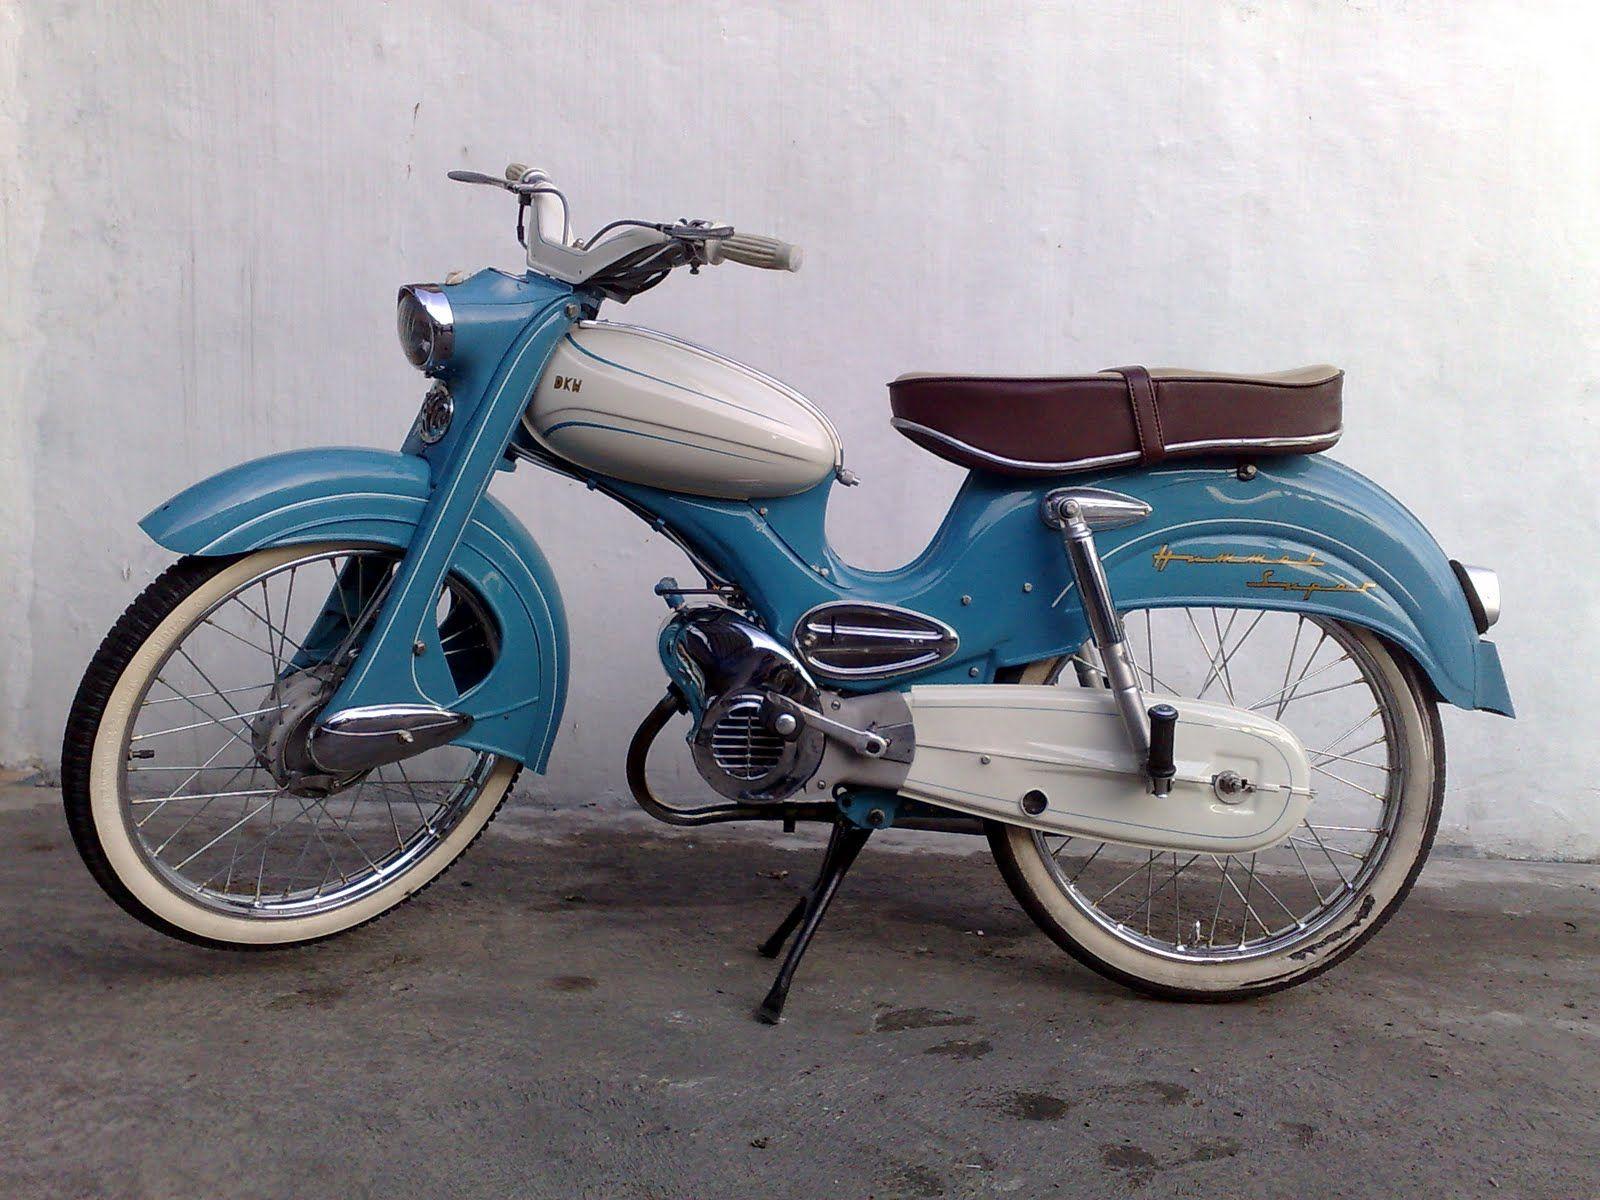 50cc dkw hummel 1962 antique bike gasm pinterest mopeds scooters and motorcycle bike. Black Bedroom Furniture Sets. Home Design Ideas